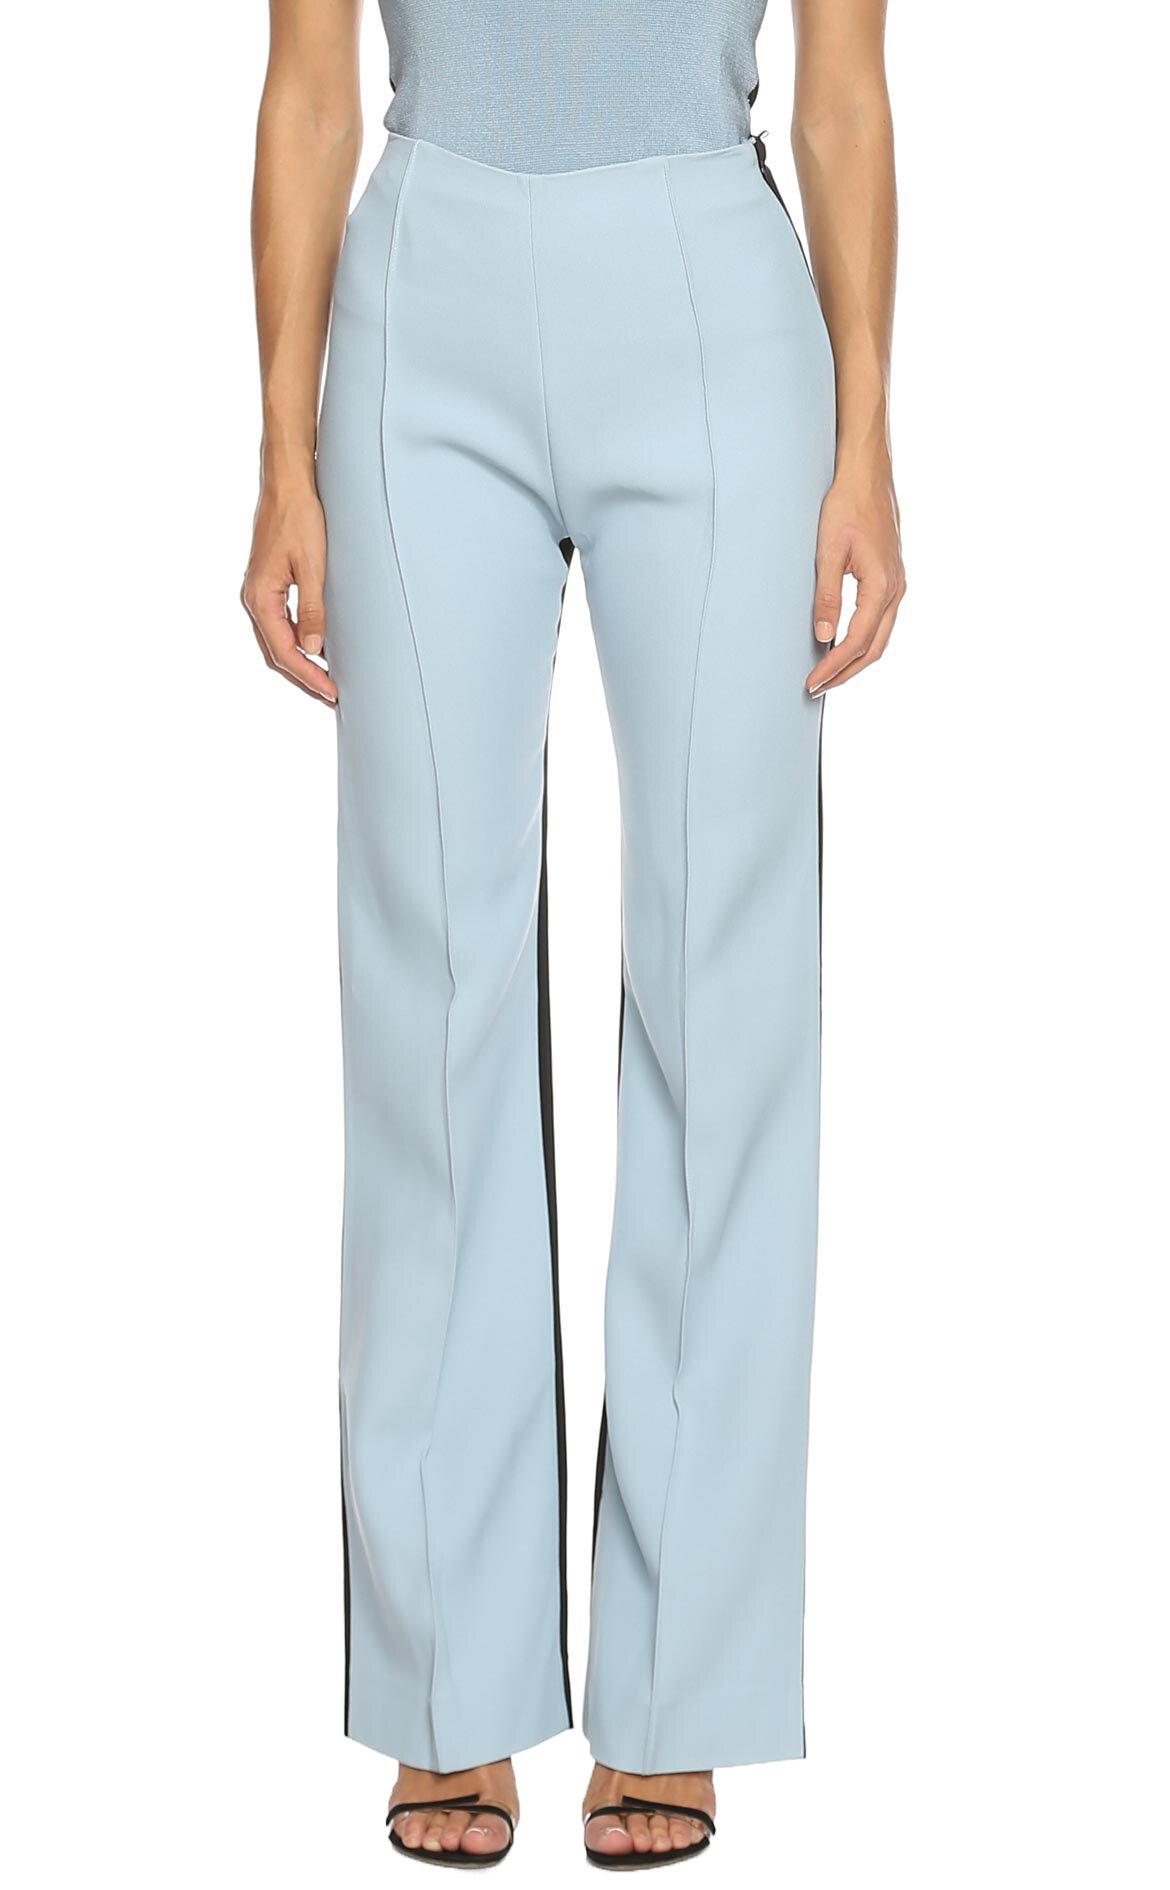 Jonathan Saunders  Klasik Pantolon